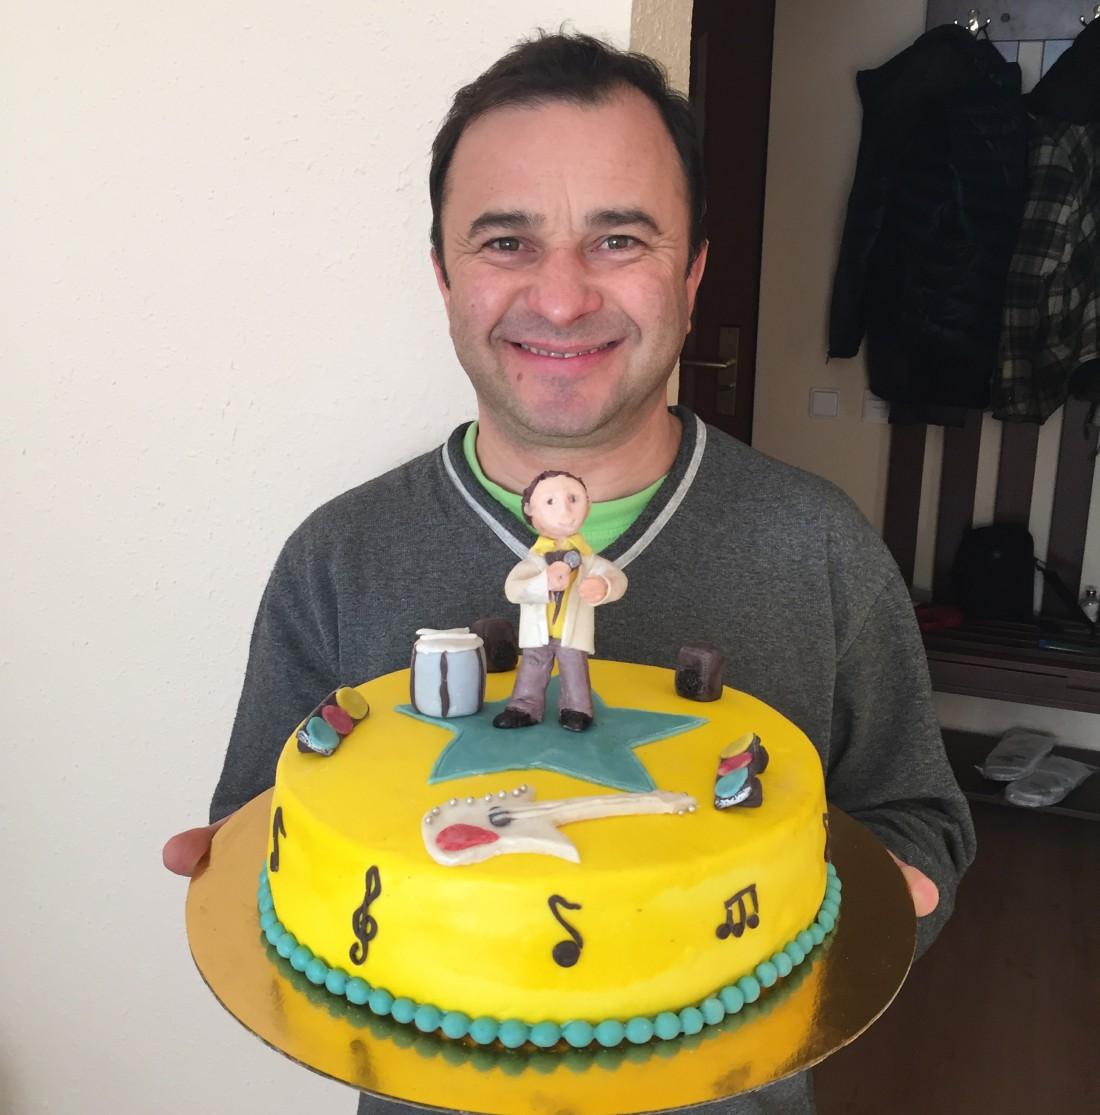 Именинник Виктор Павлик с тортом